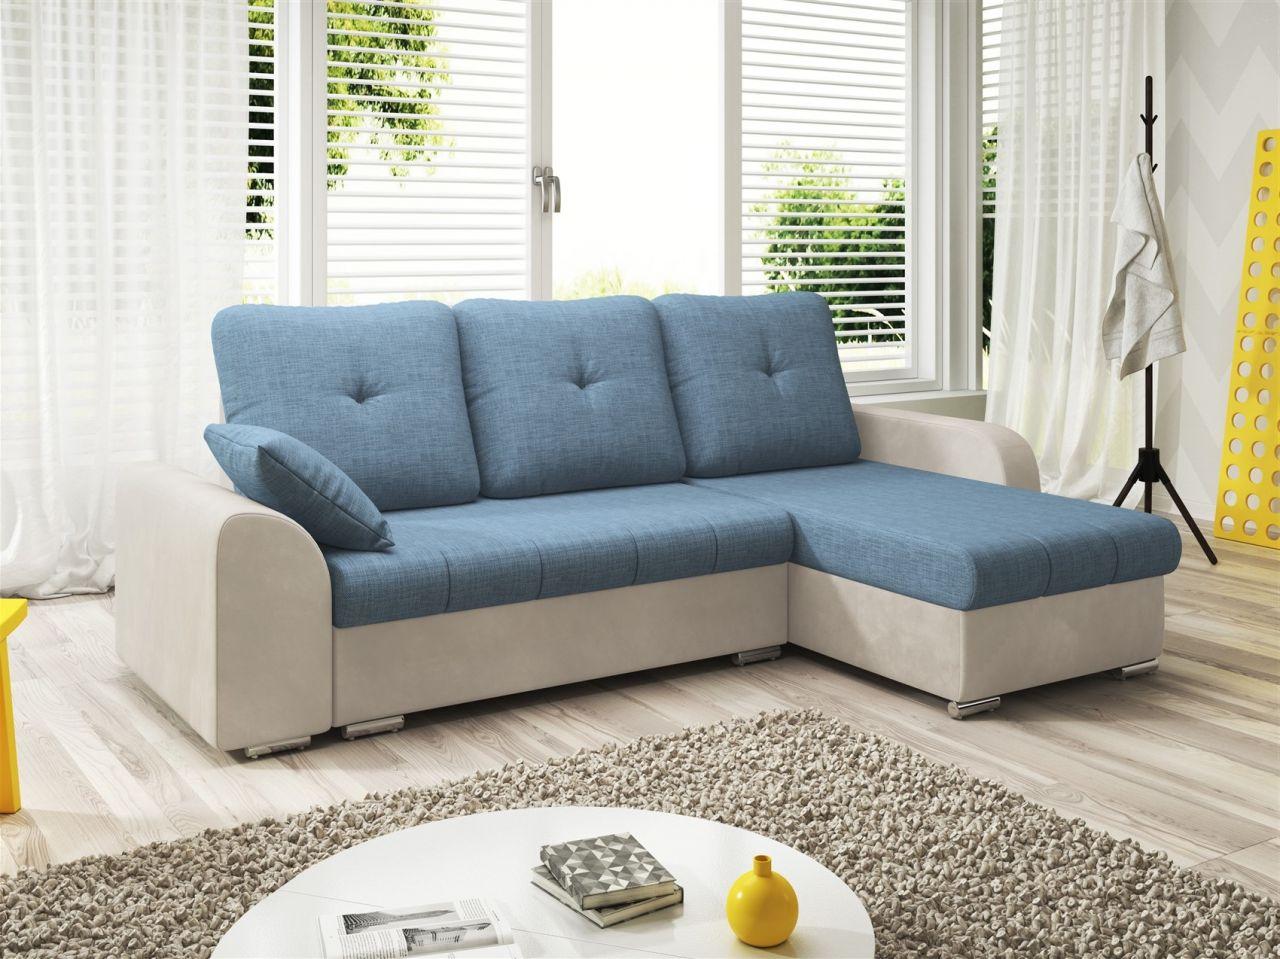 Bezaubernd Couch Hellblau Referenz Von Ecksofa Sofa Dekos Mit Schlaffunktion Weiss /